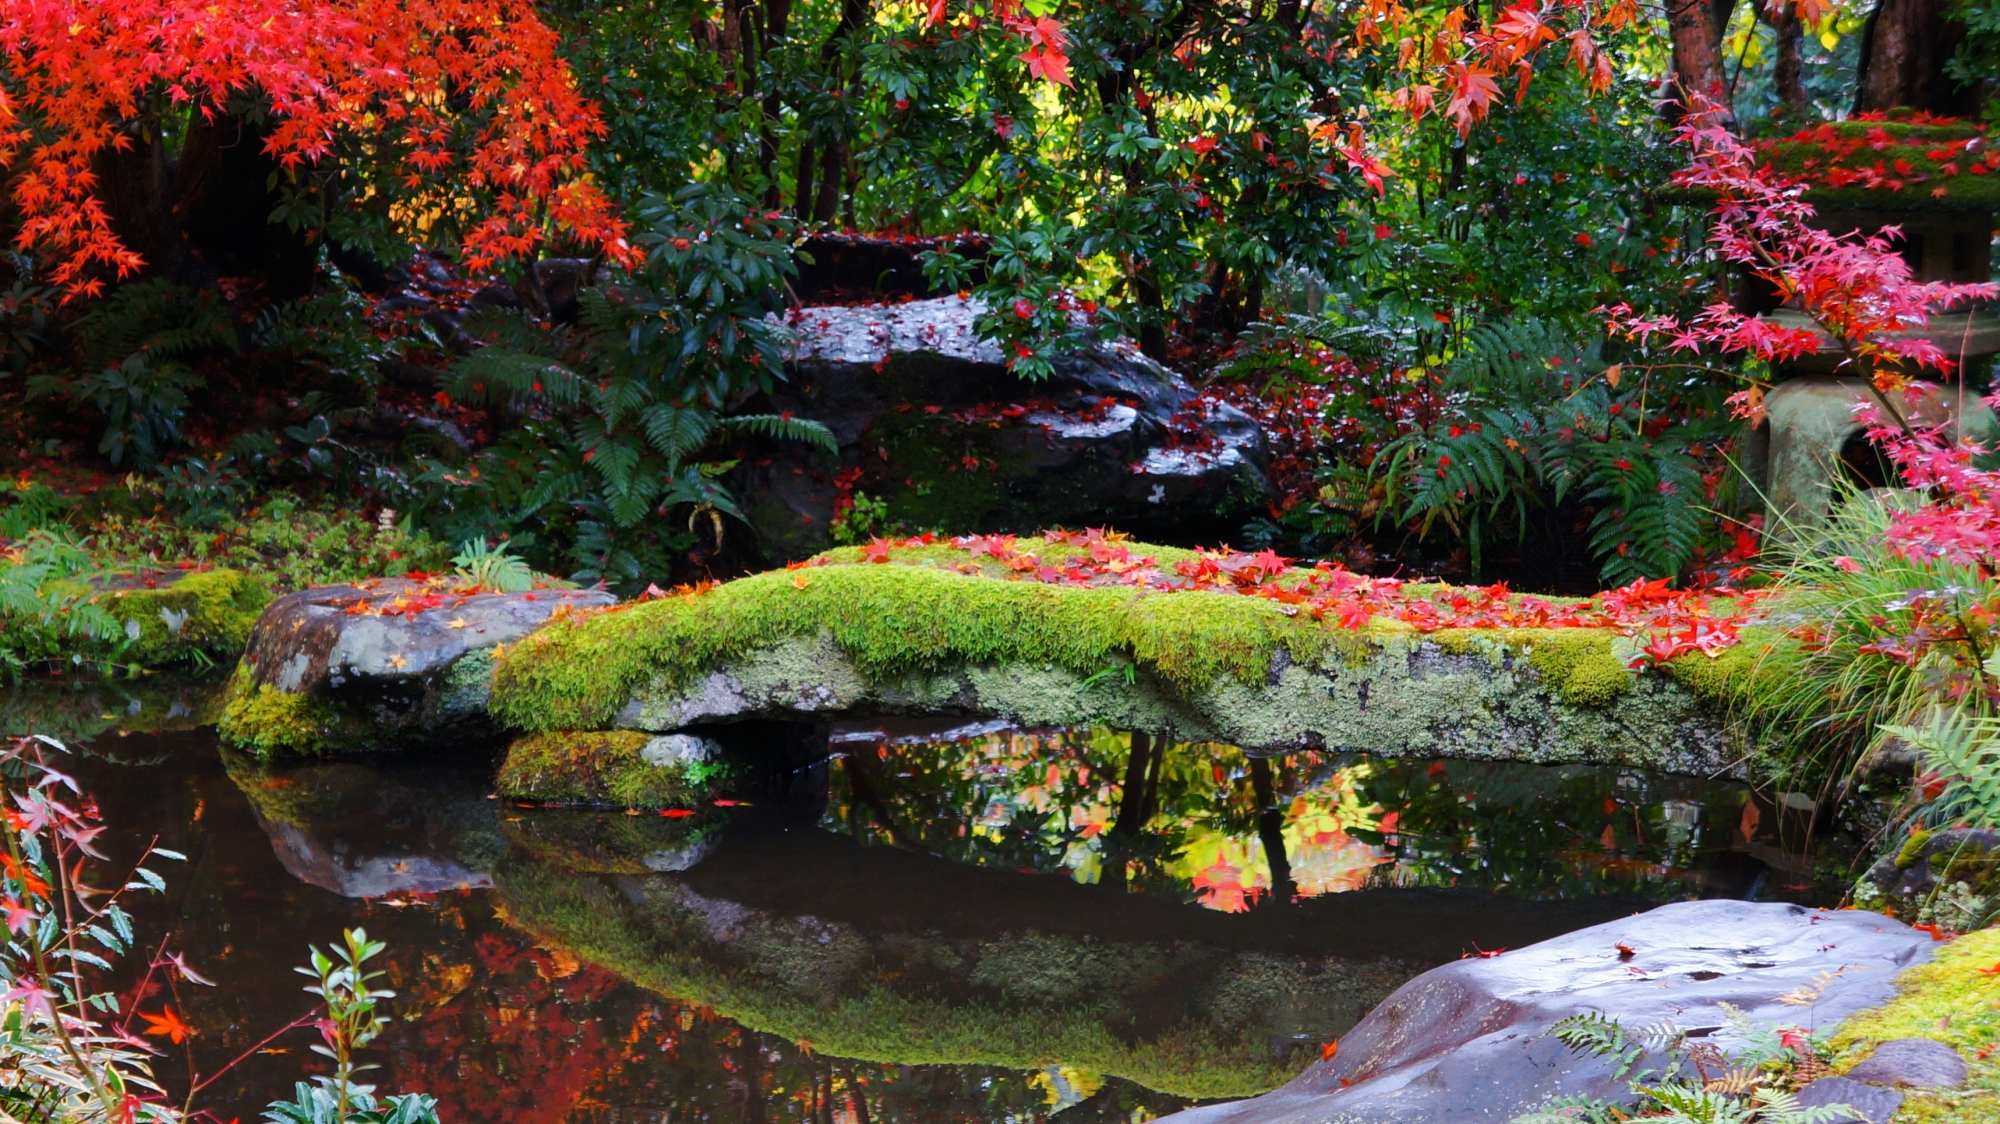 苔に覆われた石橋に散る鮮やかな紅葉